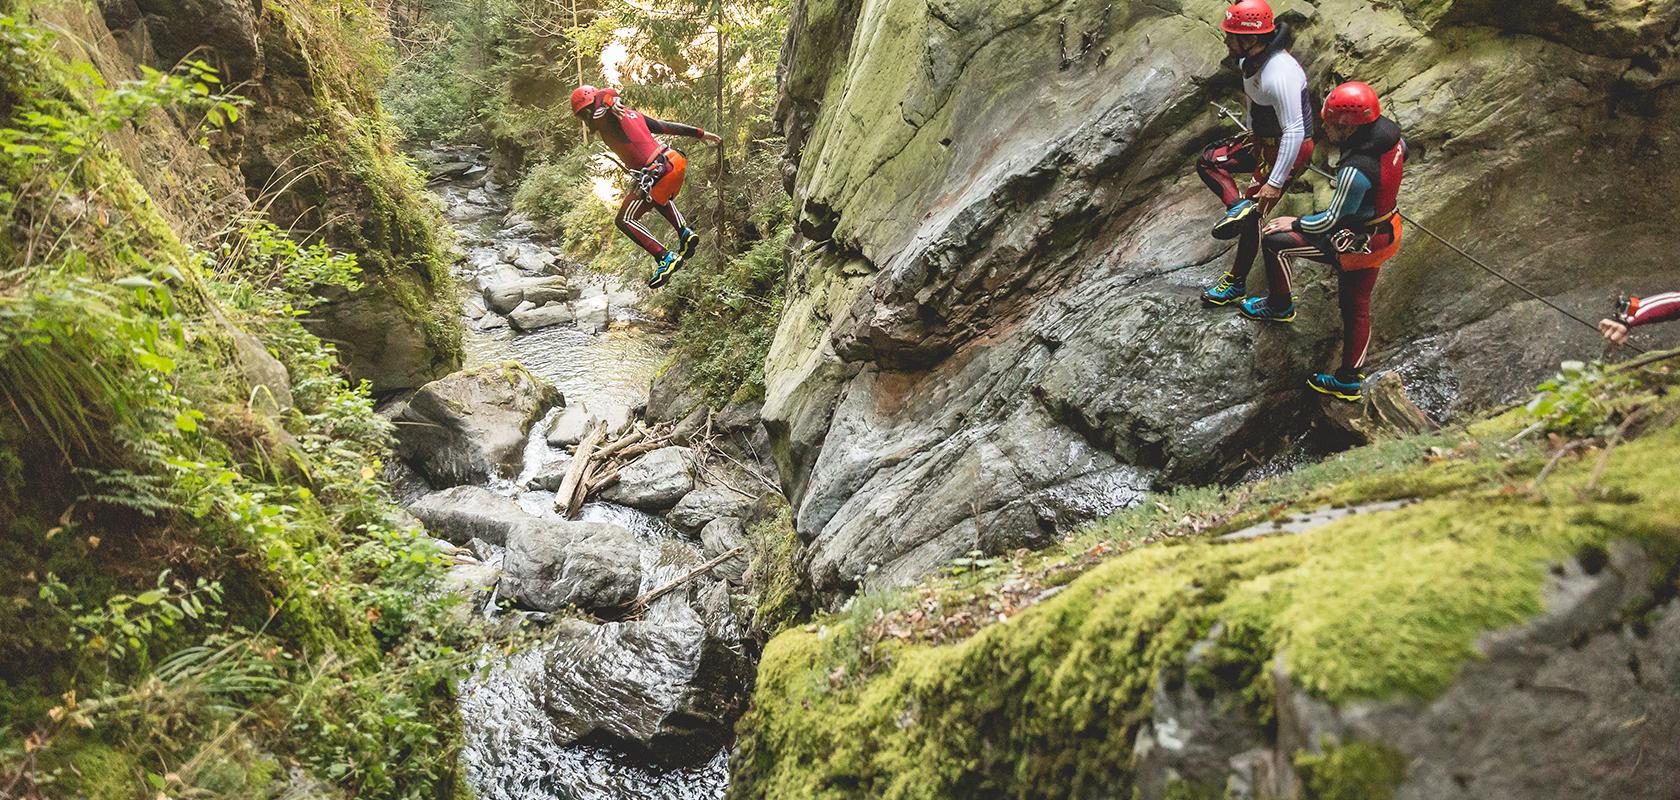 Canyoning adventure in Tirol